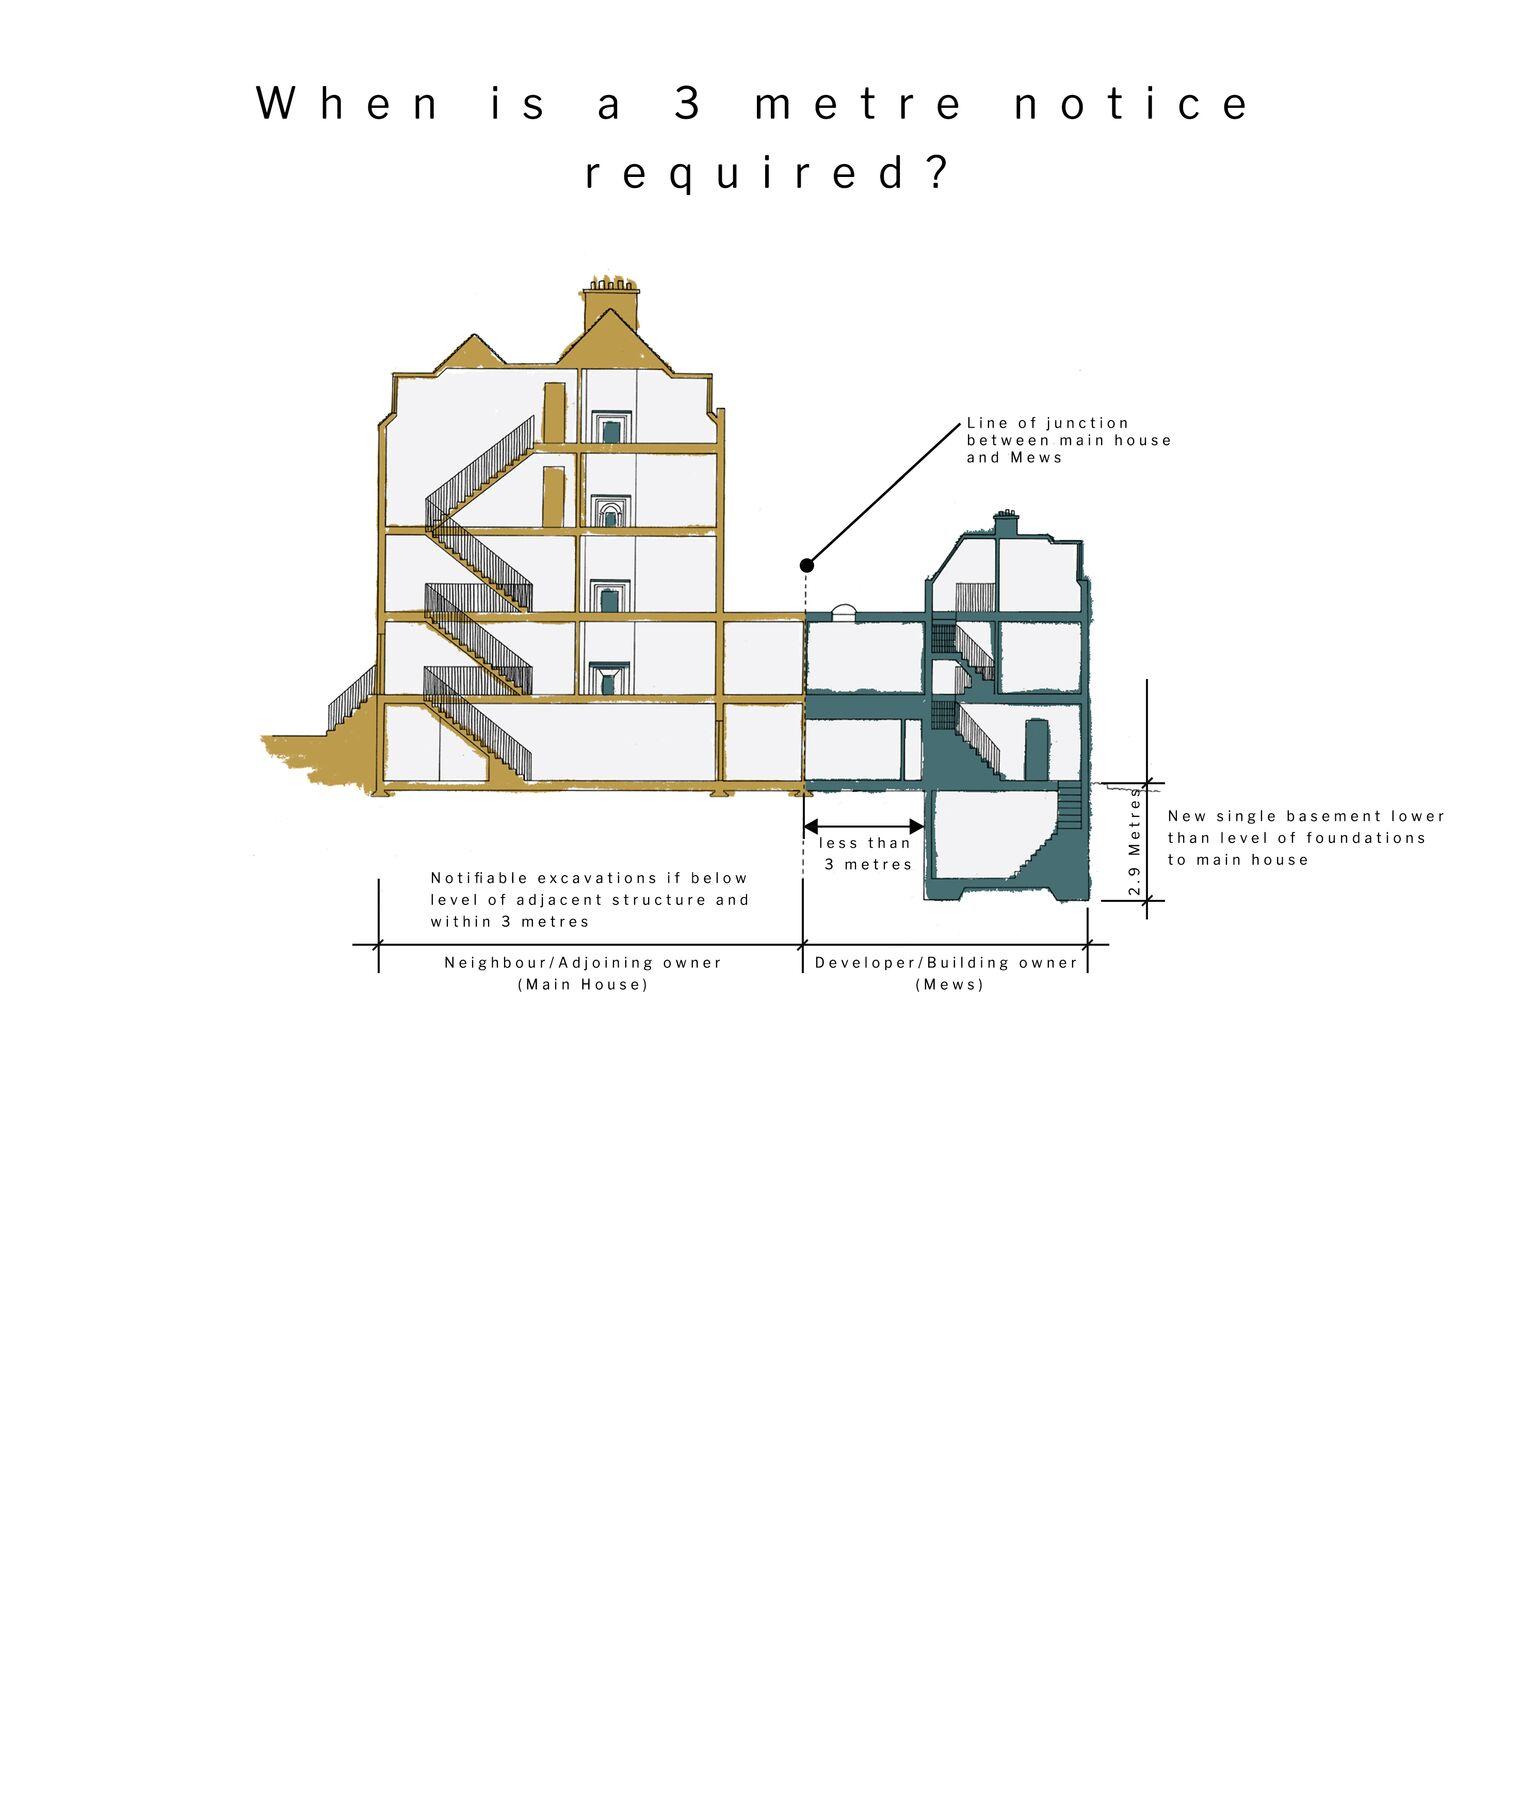 Fig 51A/2 – 3 Metre Notice Diagram